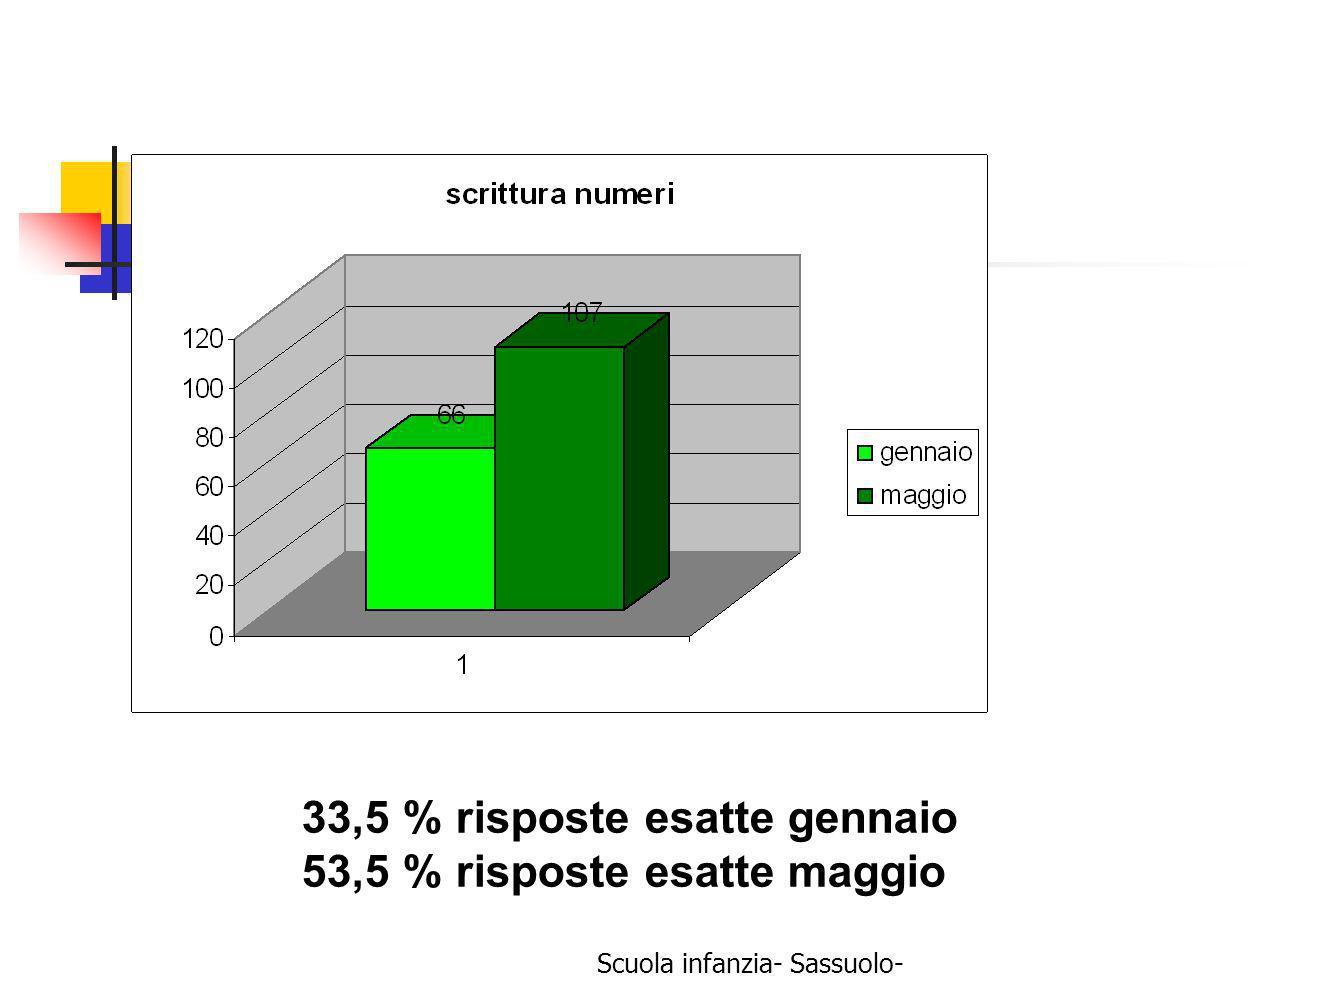 Scuola infanzia- Sassuolo- 33,5 % risposte esatte gennaio 53,5 % risposte esatte maggio